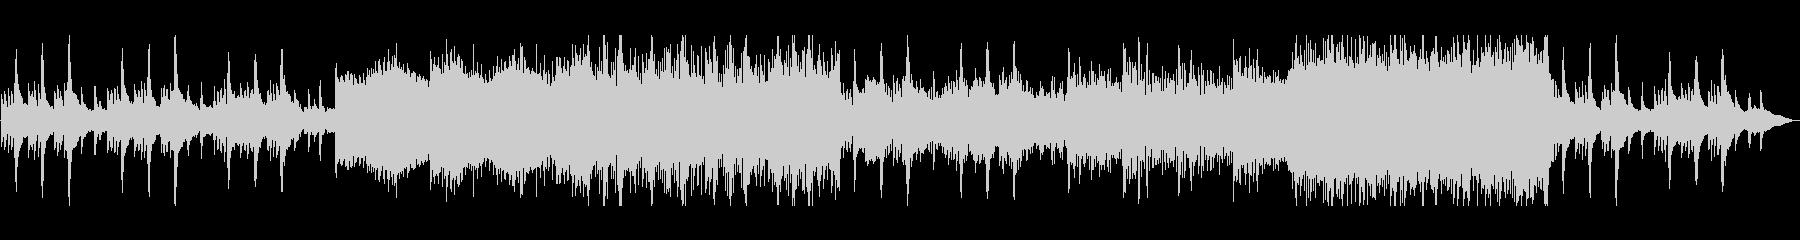 疾走感のあるピアノエレクトリック2の未再生の波形